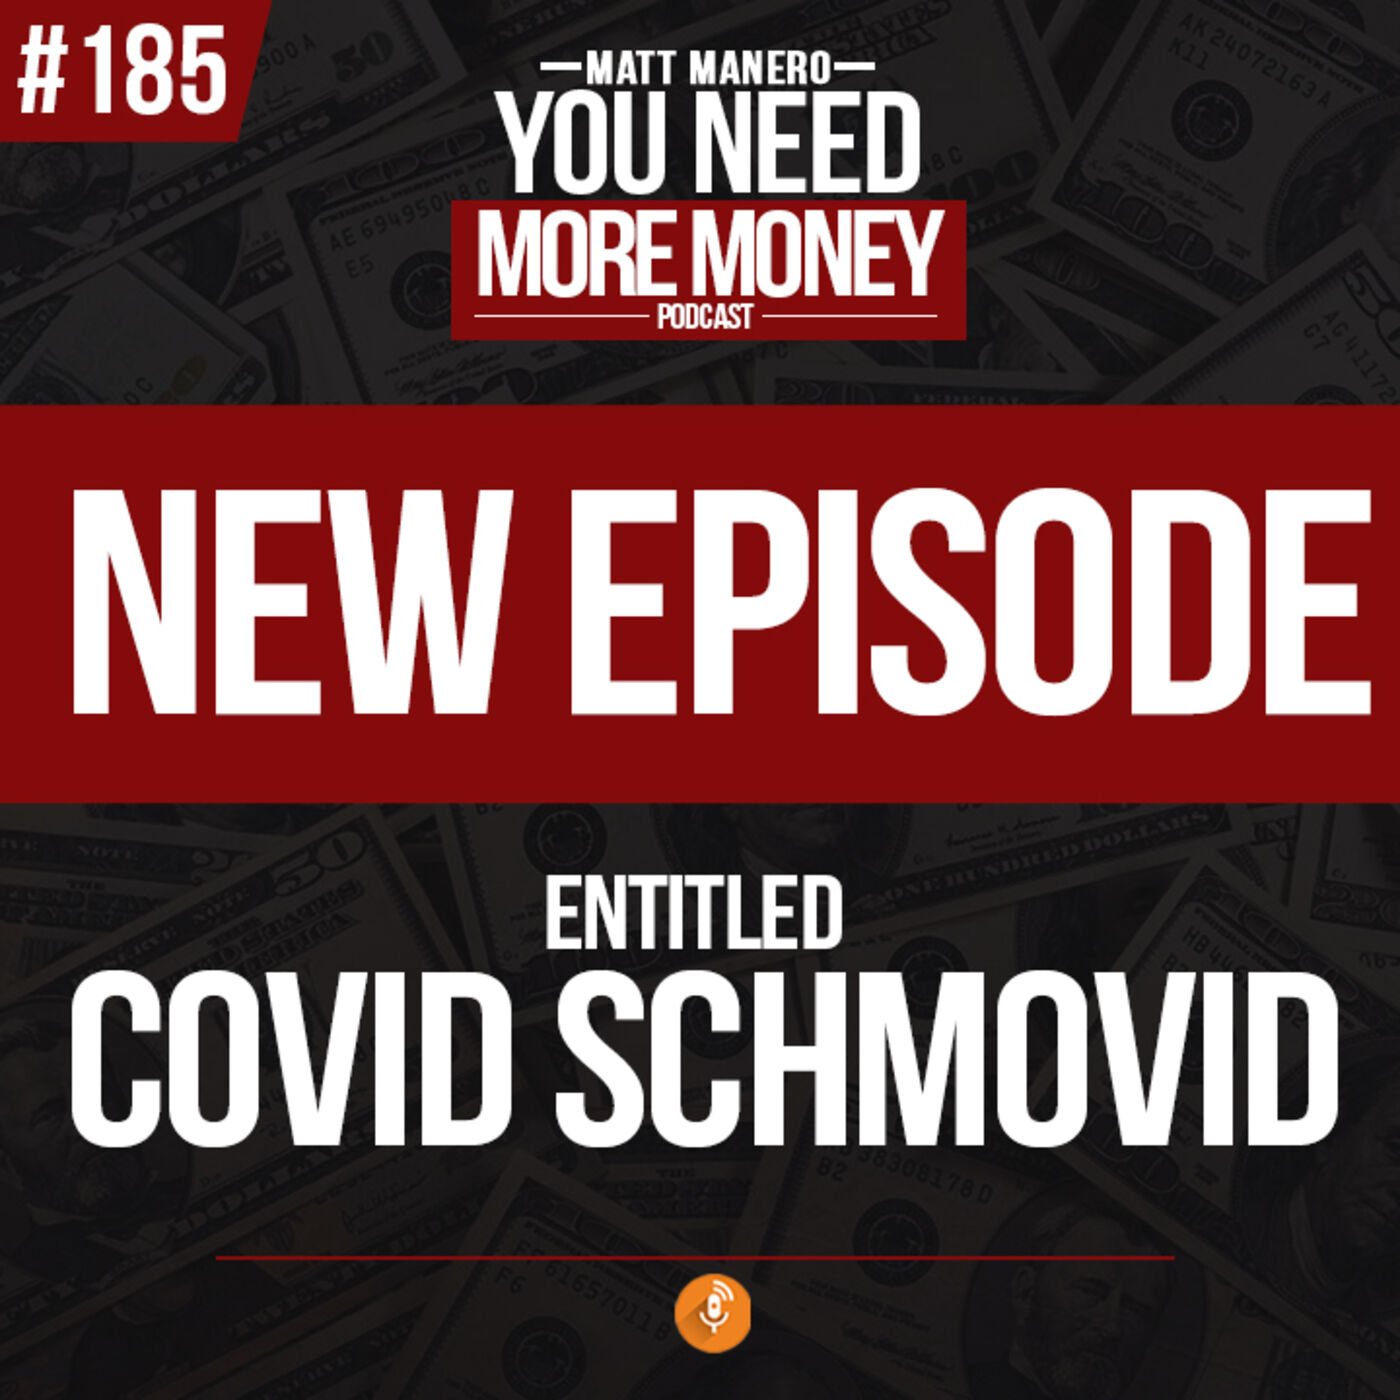 Episode #185 COVID SCHMOVID with Matt Manero